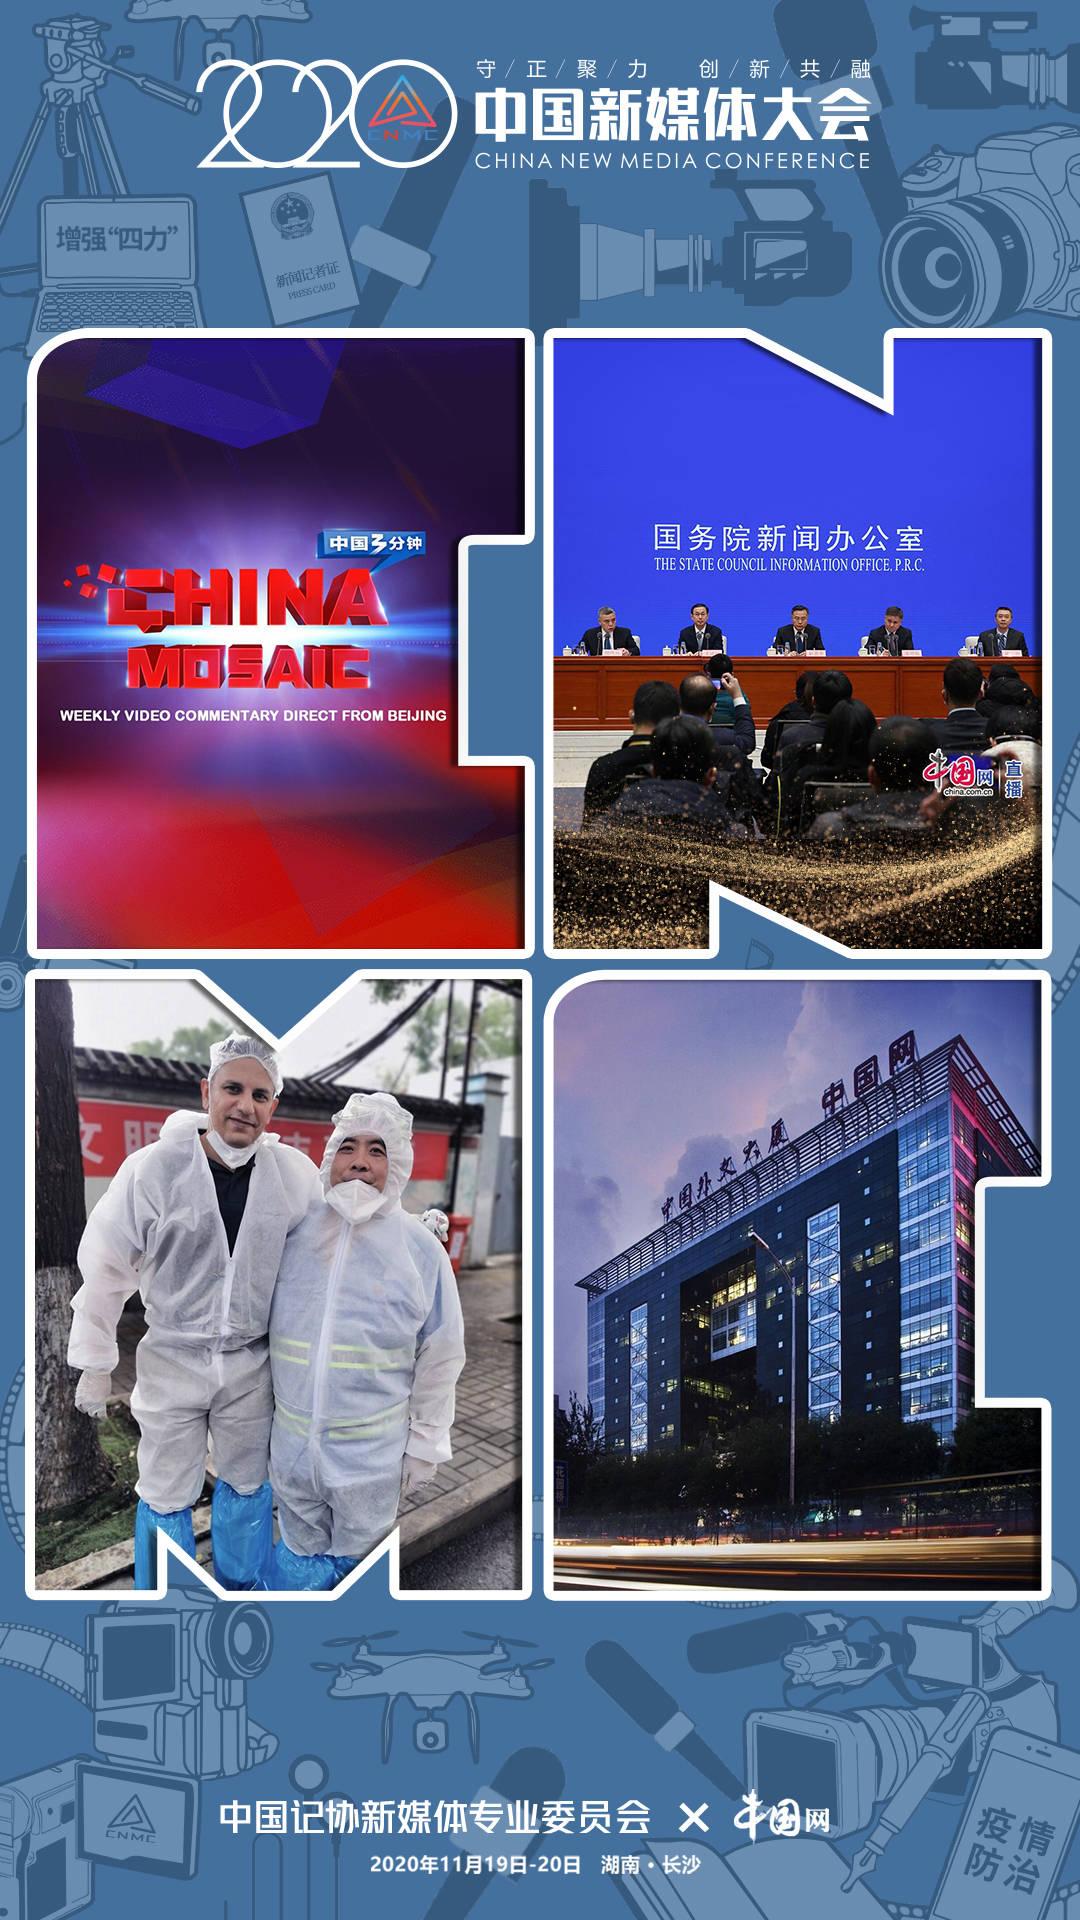 还有2天!2020中国新媒体大会敬请期待